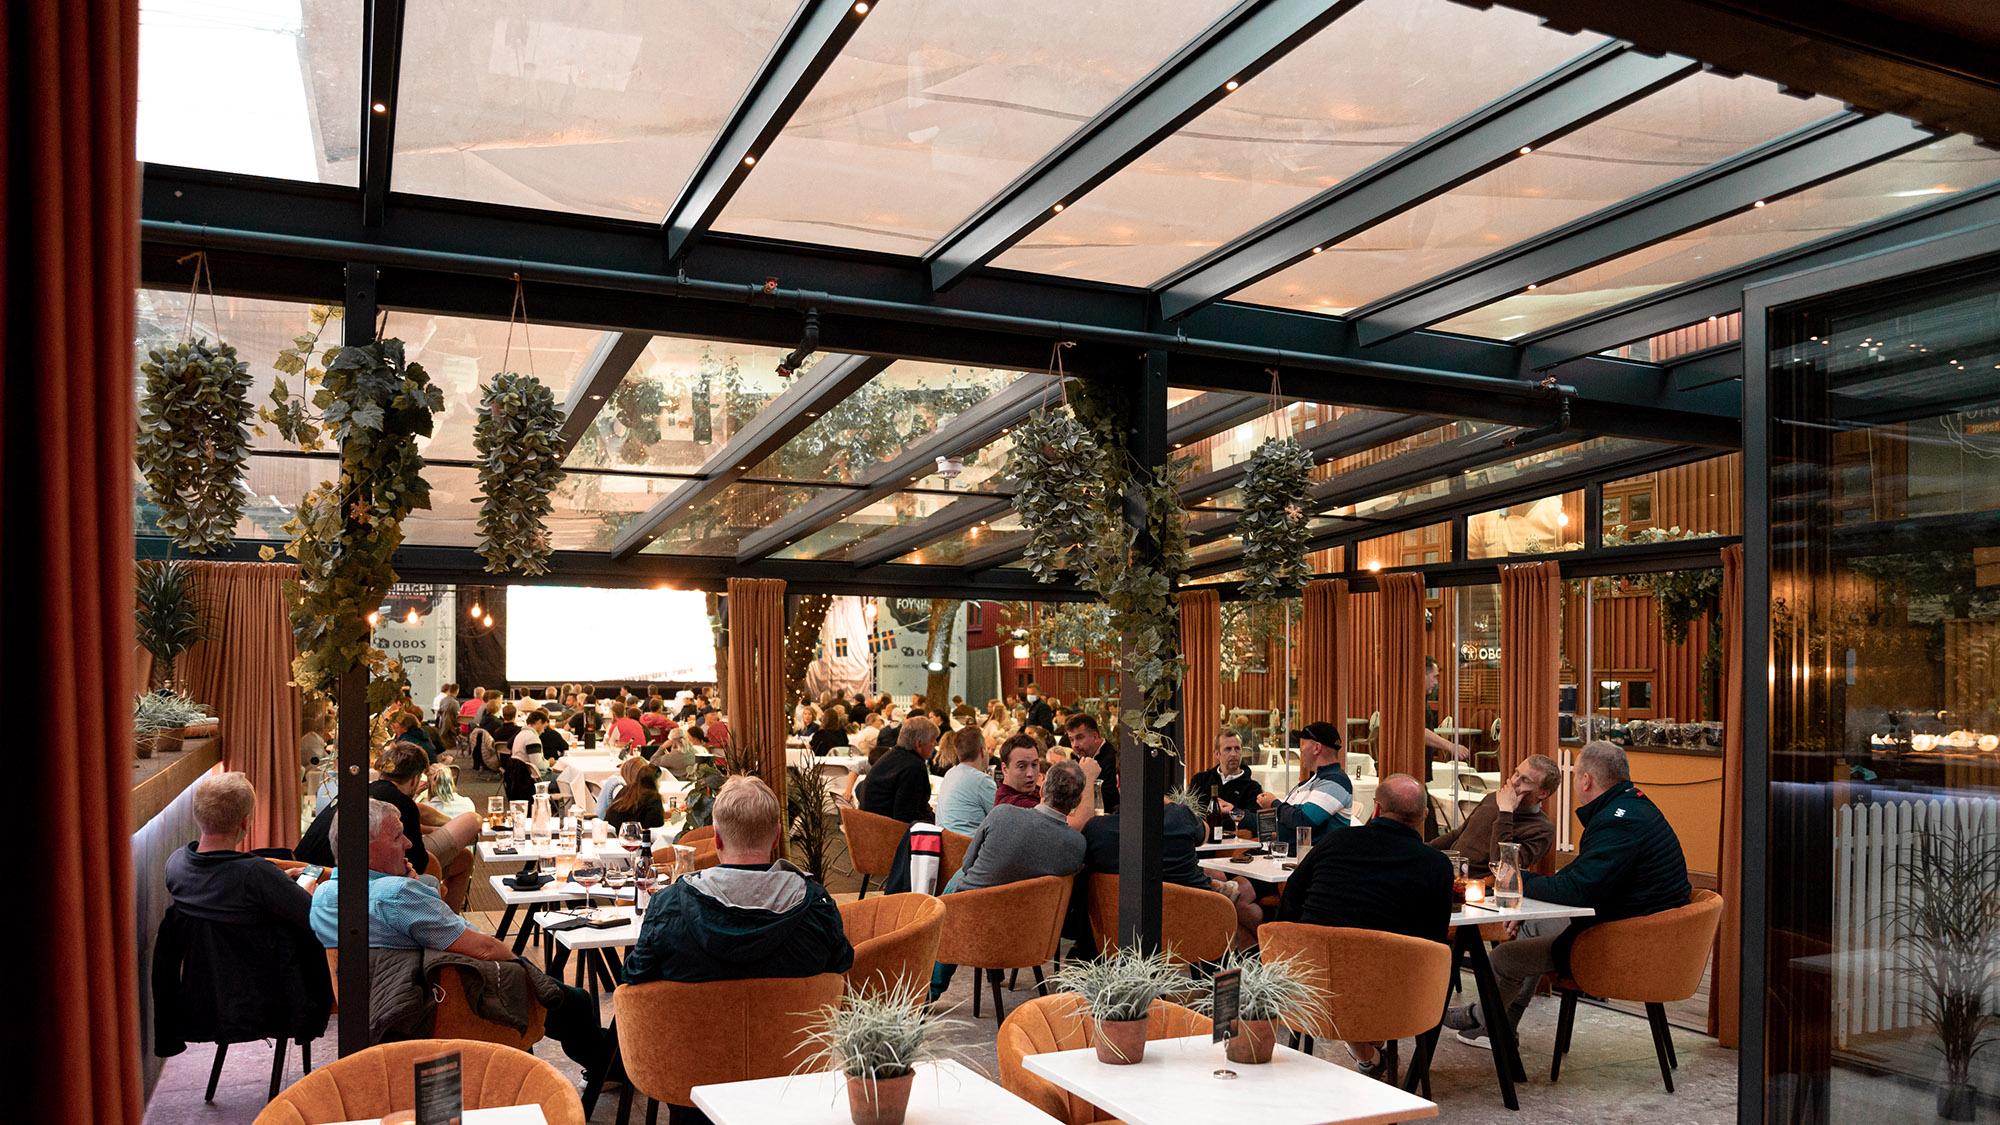 Foyn bar & restaurant stor uteservering fra uteDESIGN